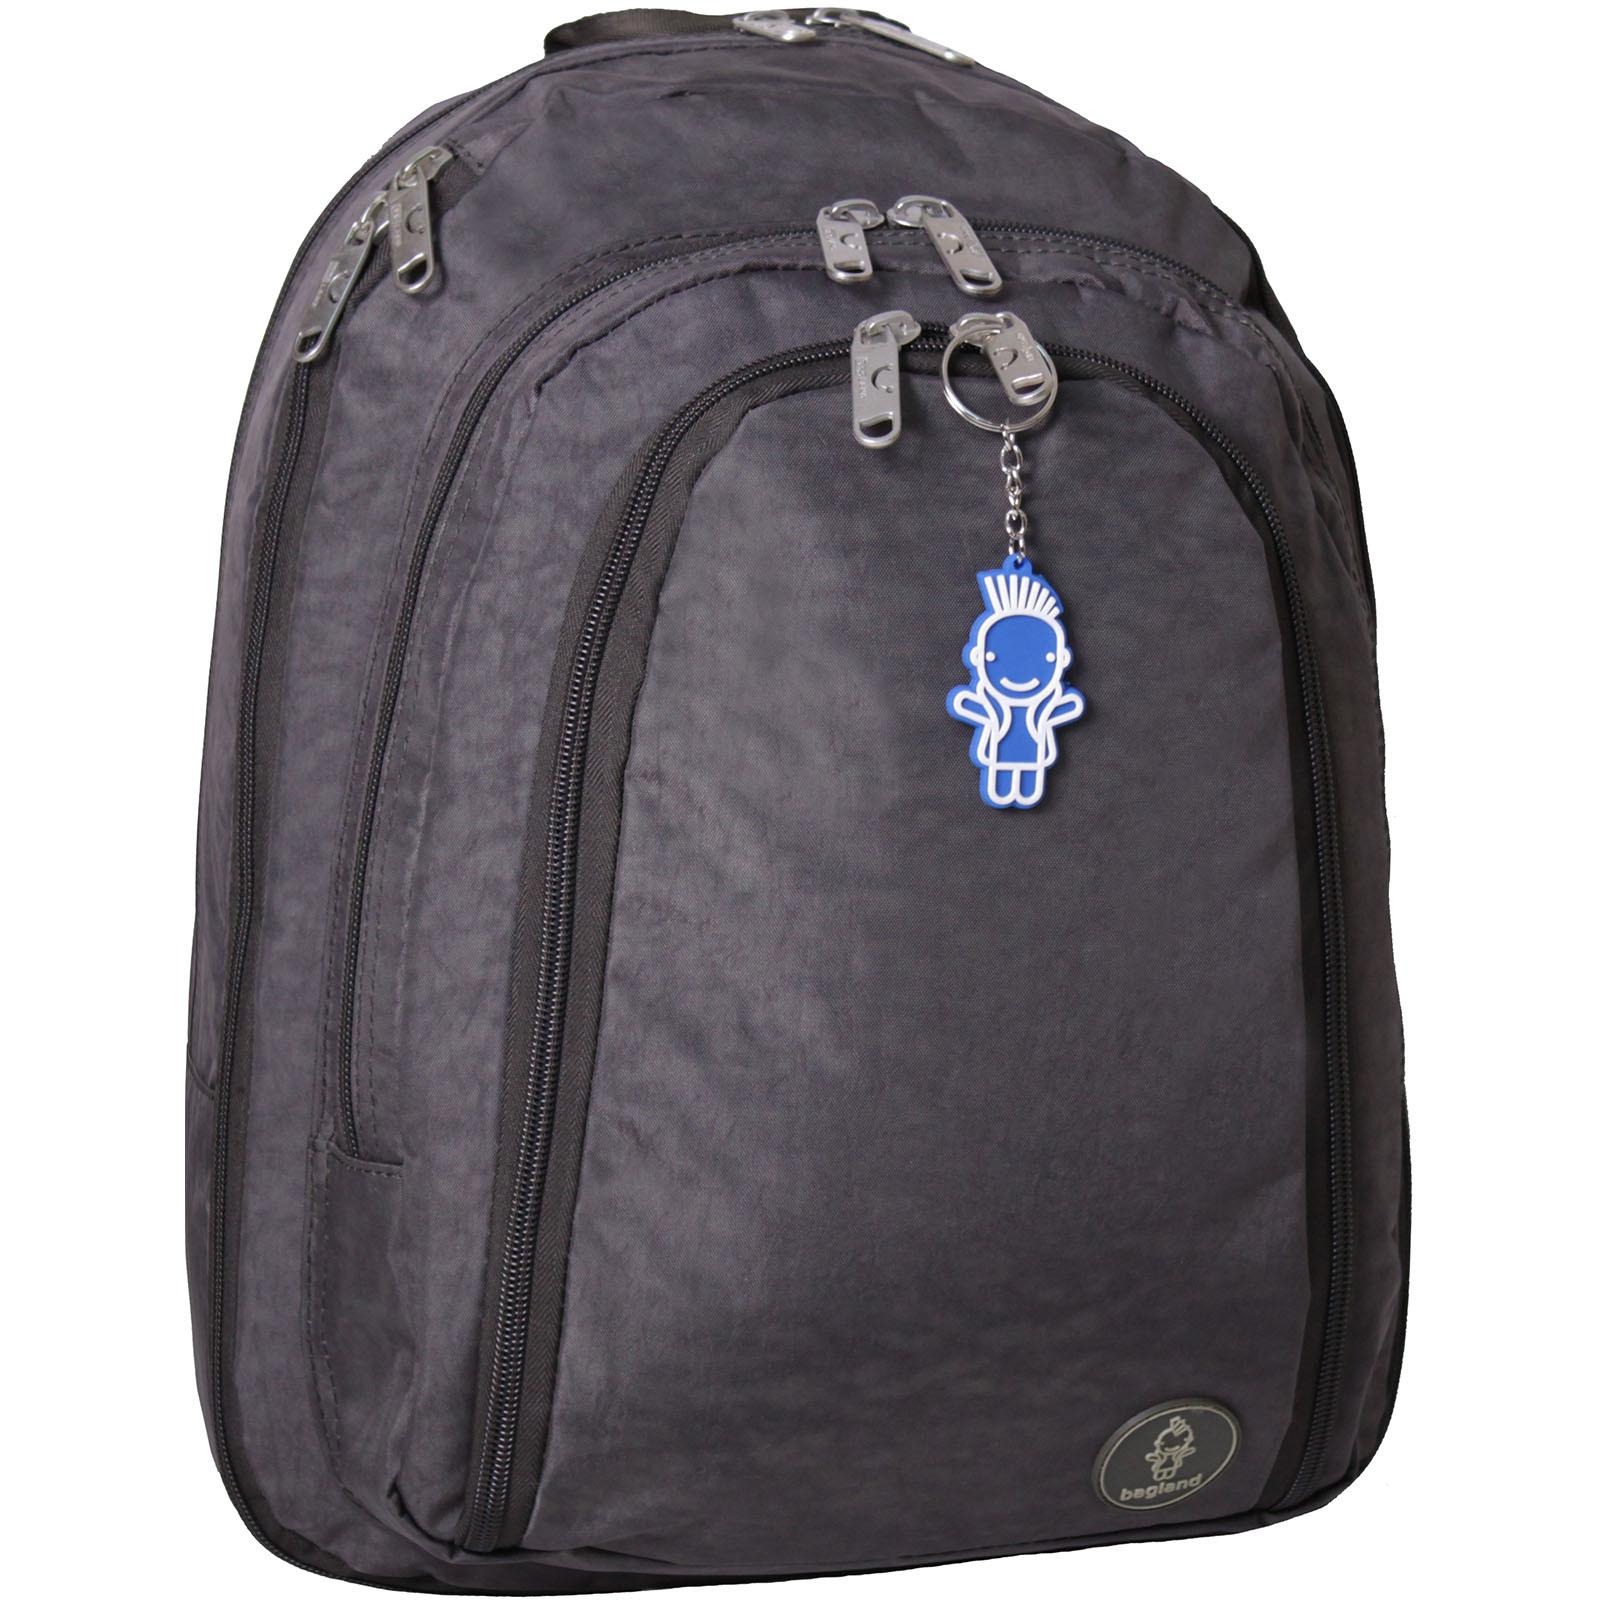 Городские рюкзаки Рюкзак Bagland Раскладной большой 32 л. Хаки (0014270) IMG_2832.JPG